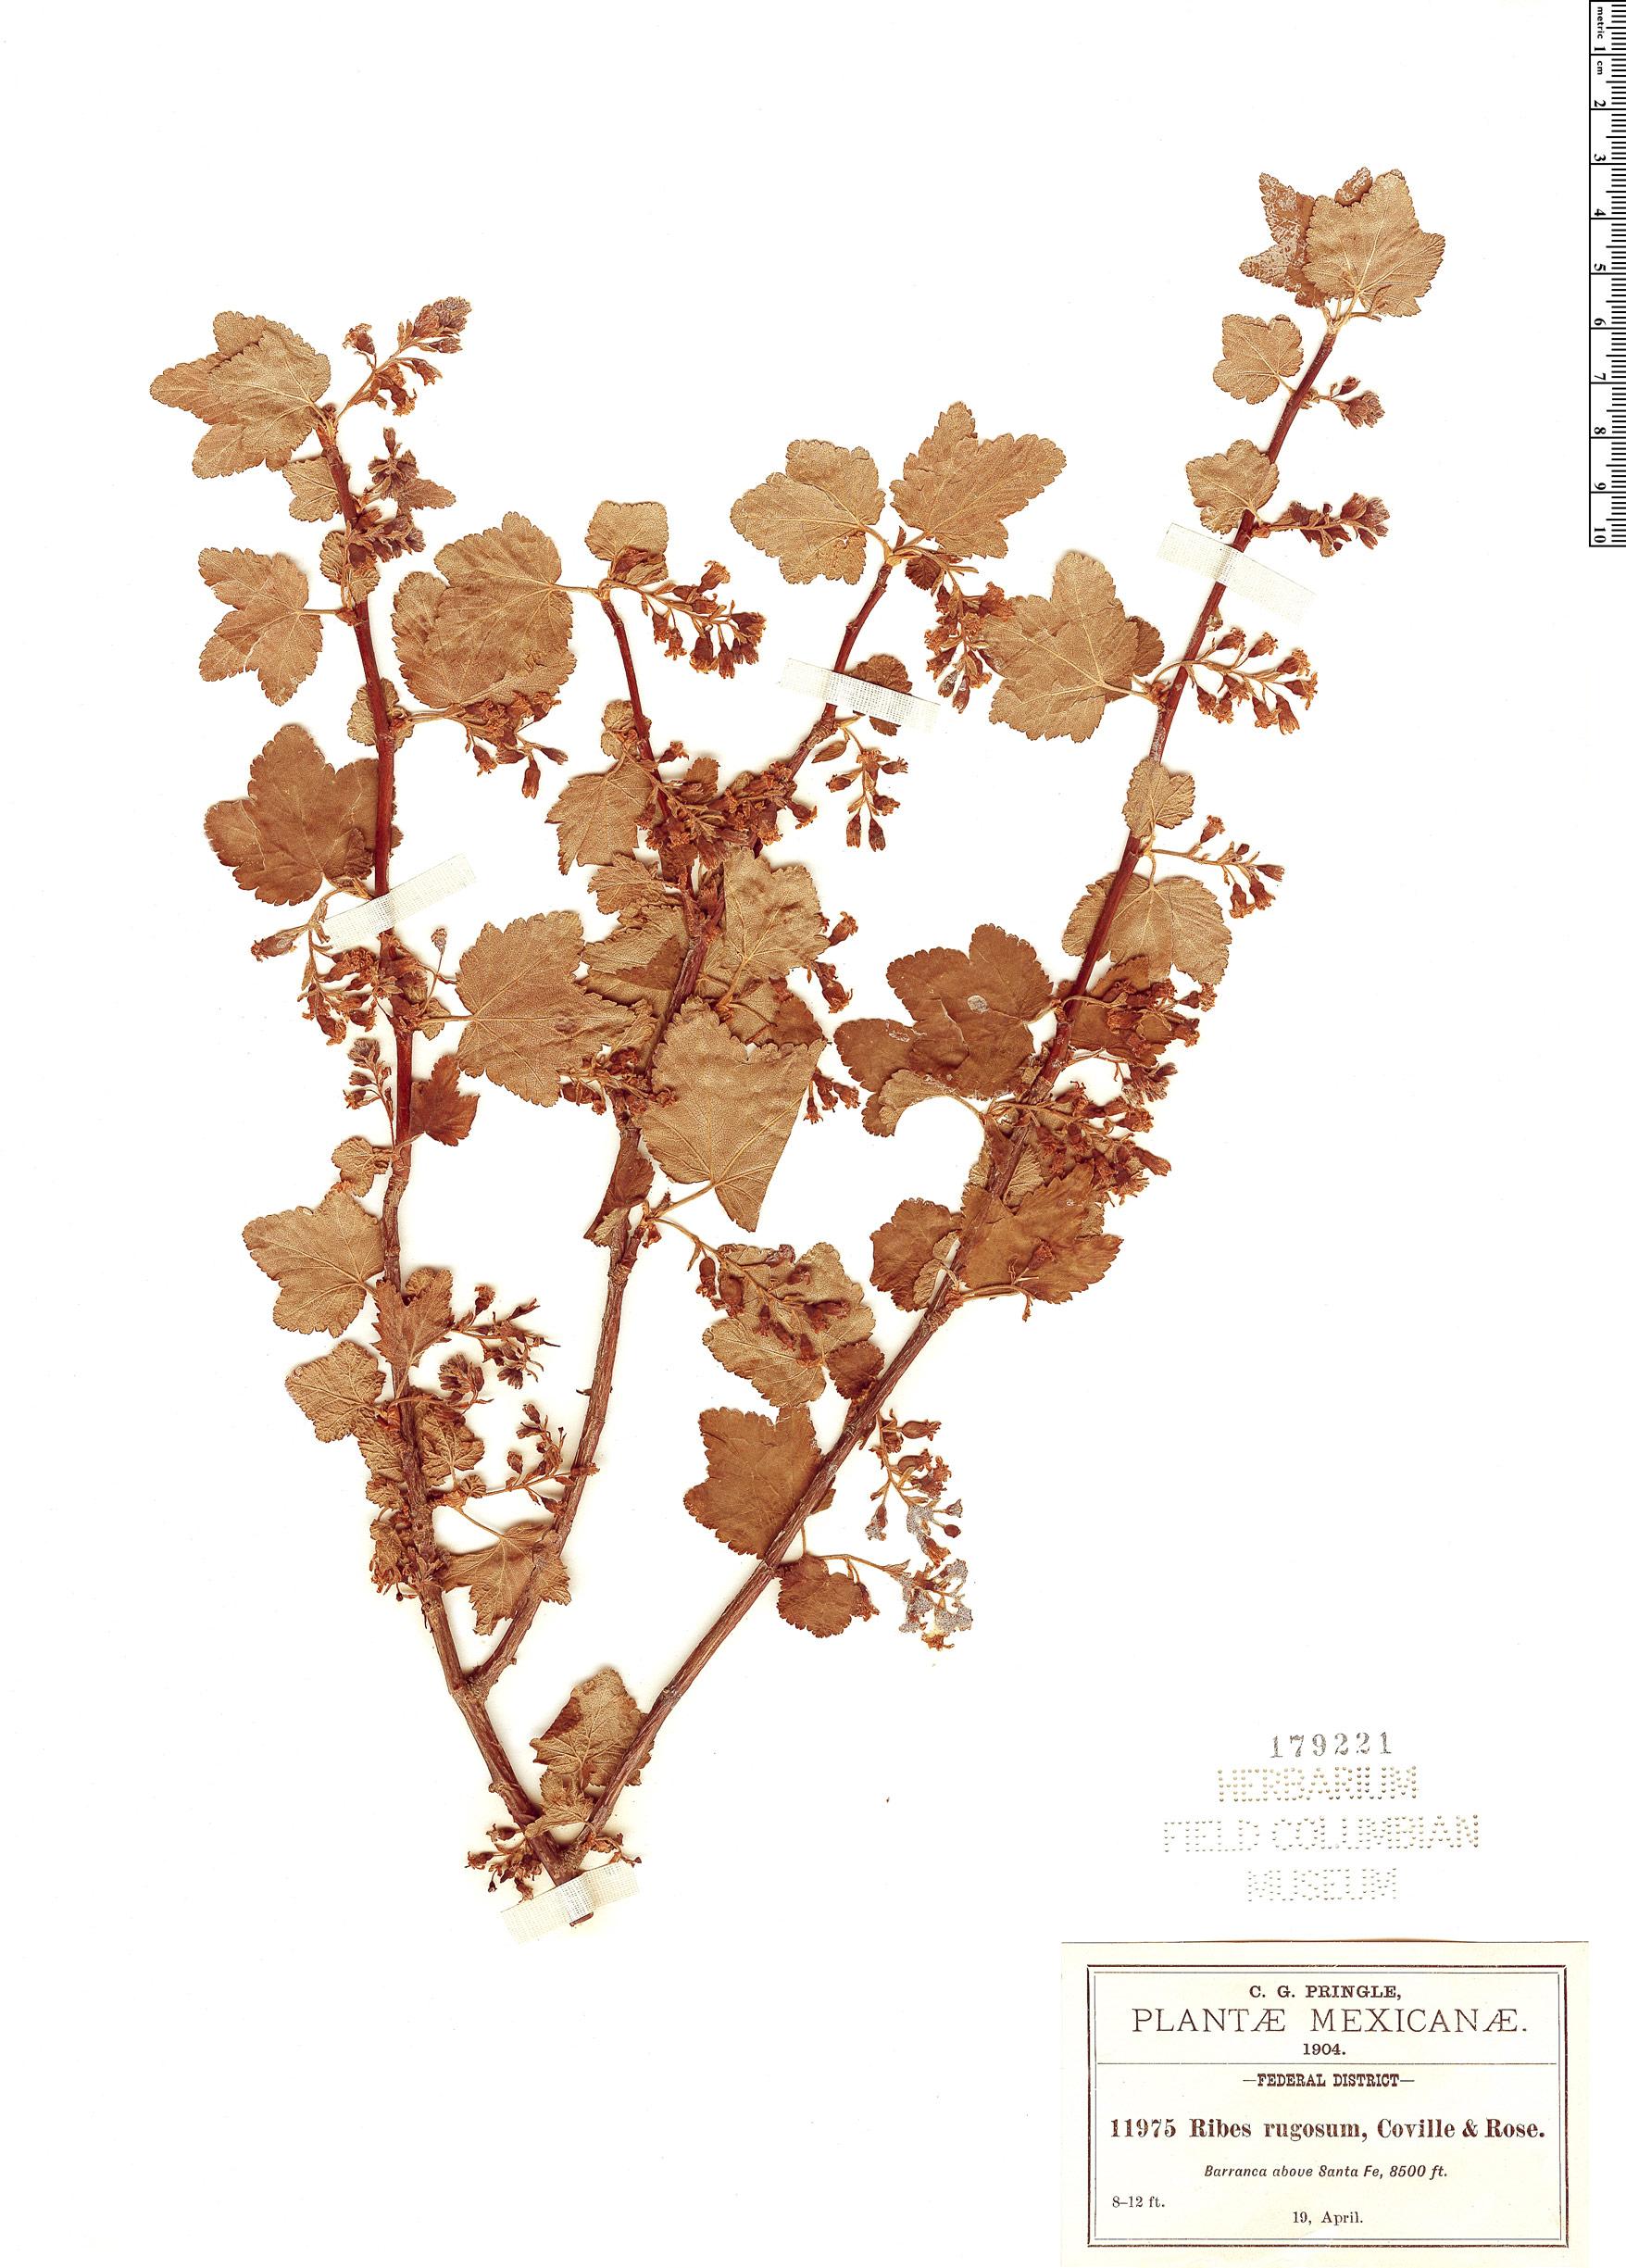 Specimen: Ribes rugosum